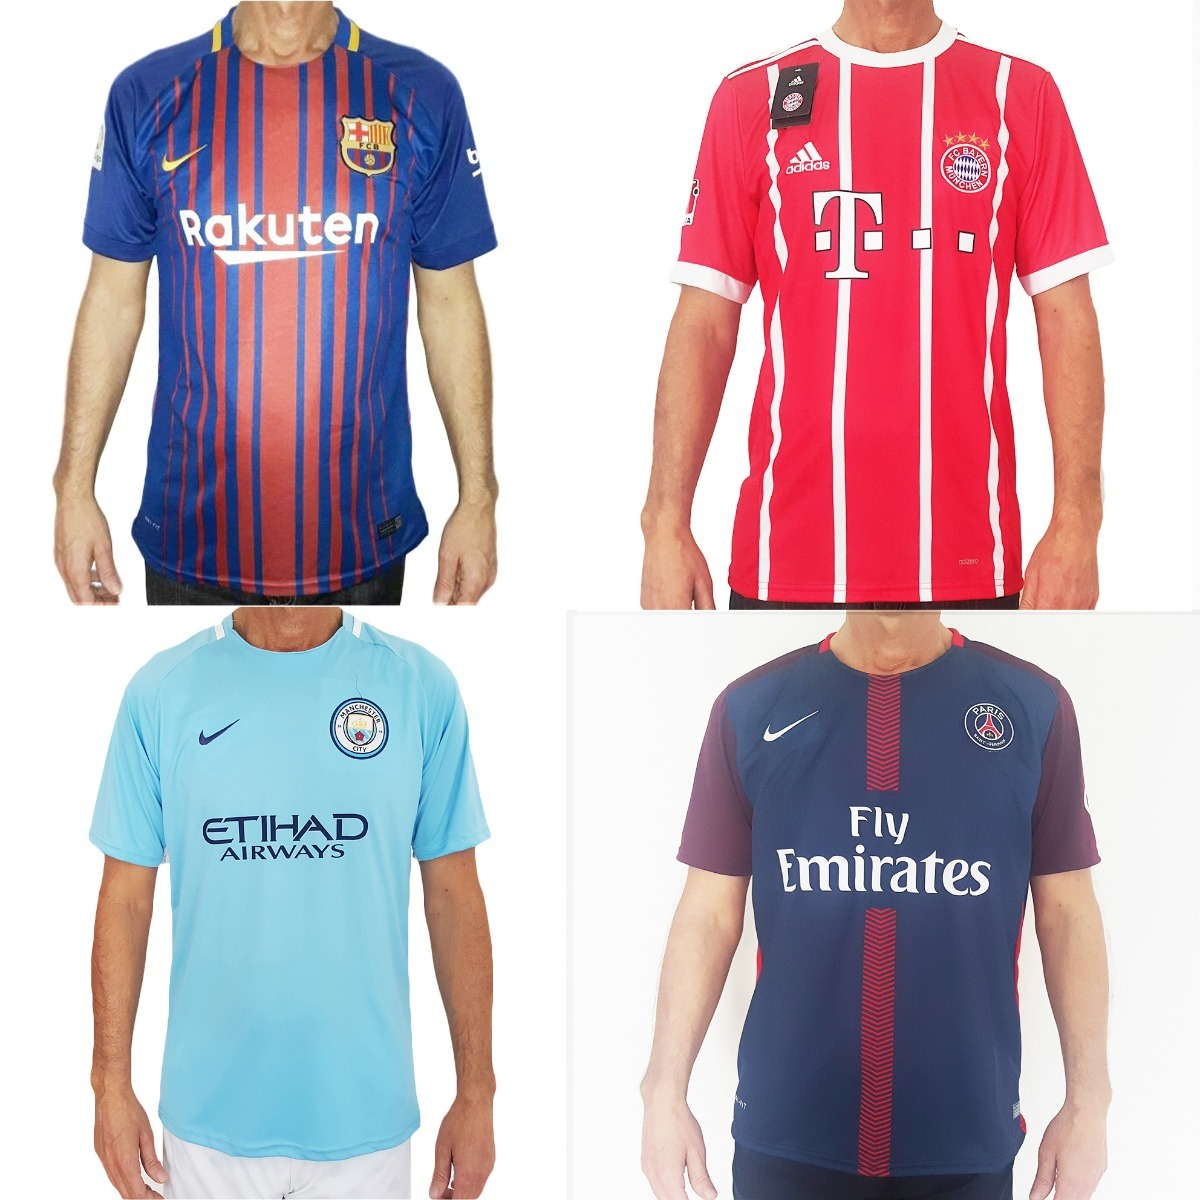 camisetas de fútbol europeo p  equipos x mayor. Cargando zoom. 1f20b1768858a